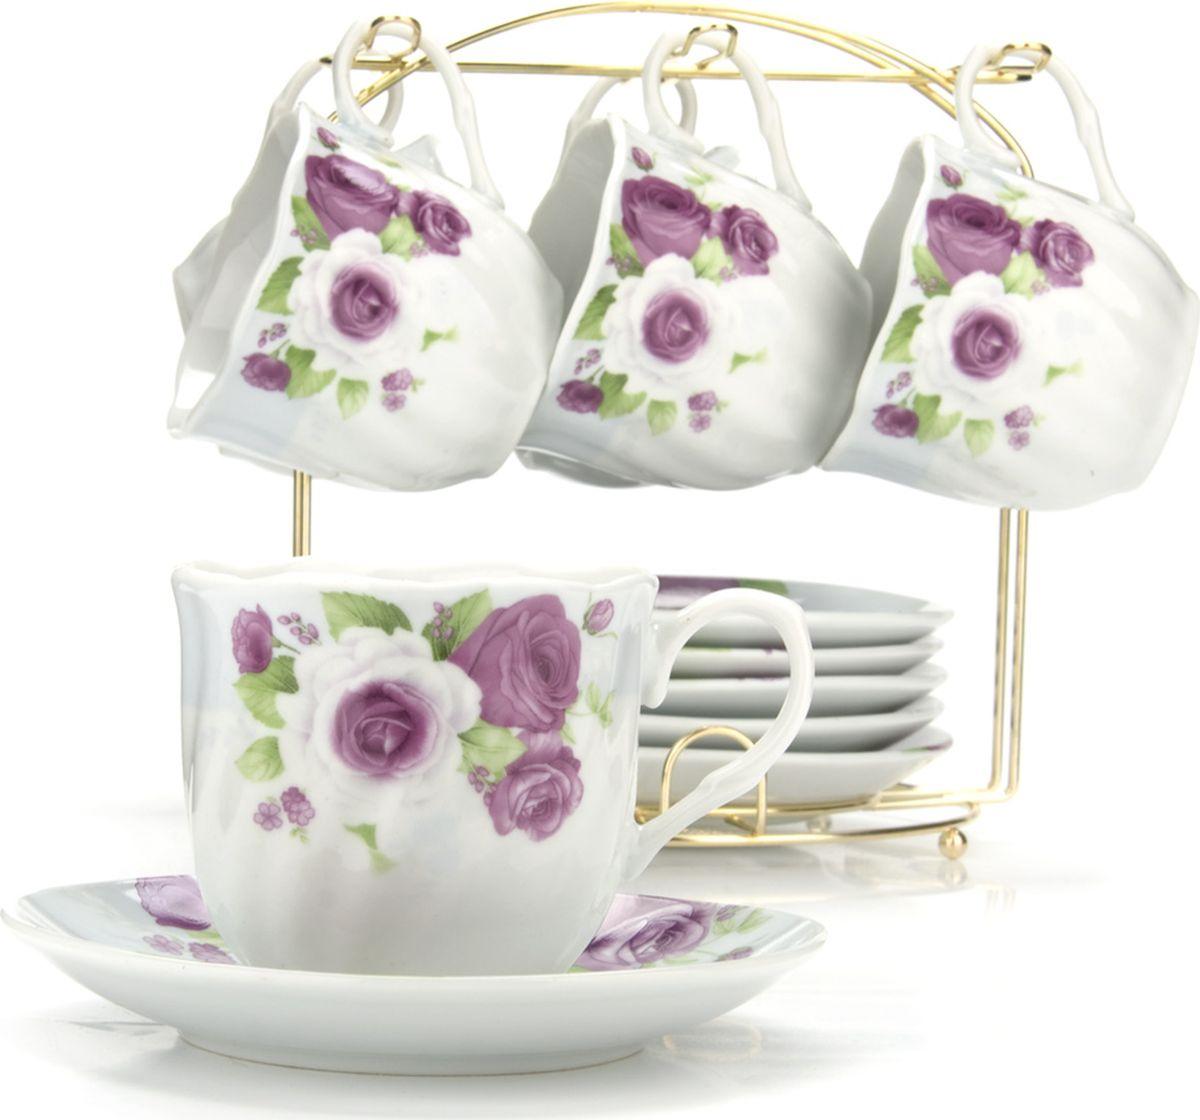 Сервиз чайный Loraine, на подставке, 13 предметов. 43284 сервиз чайный loraine на подставке 13 предметов 43295